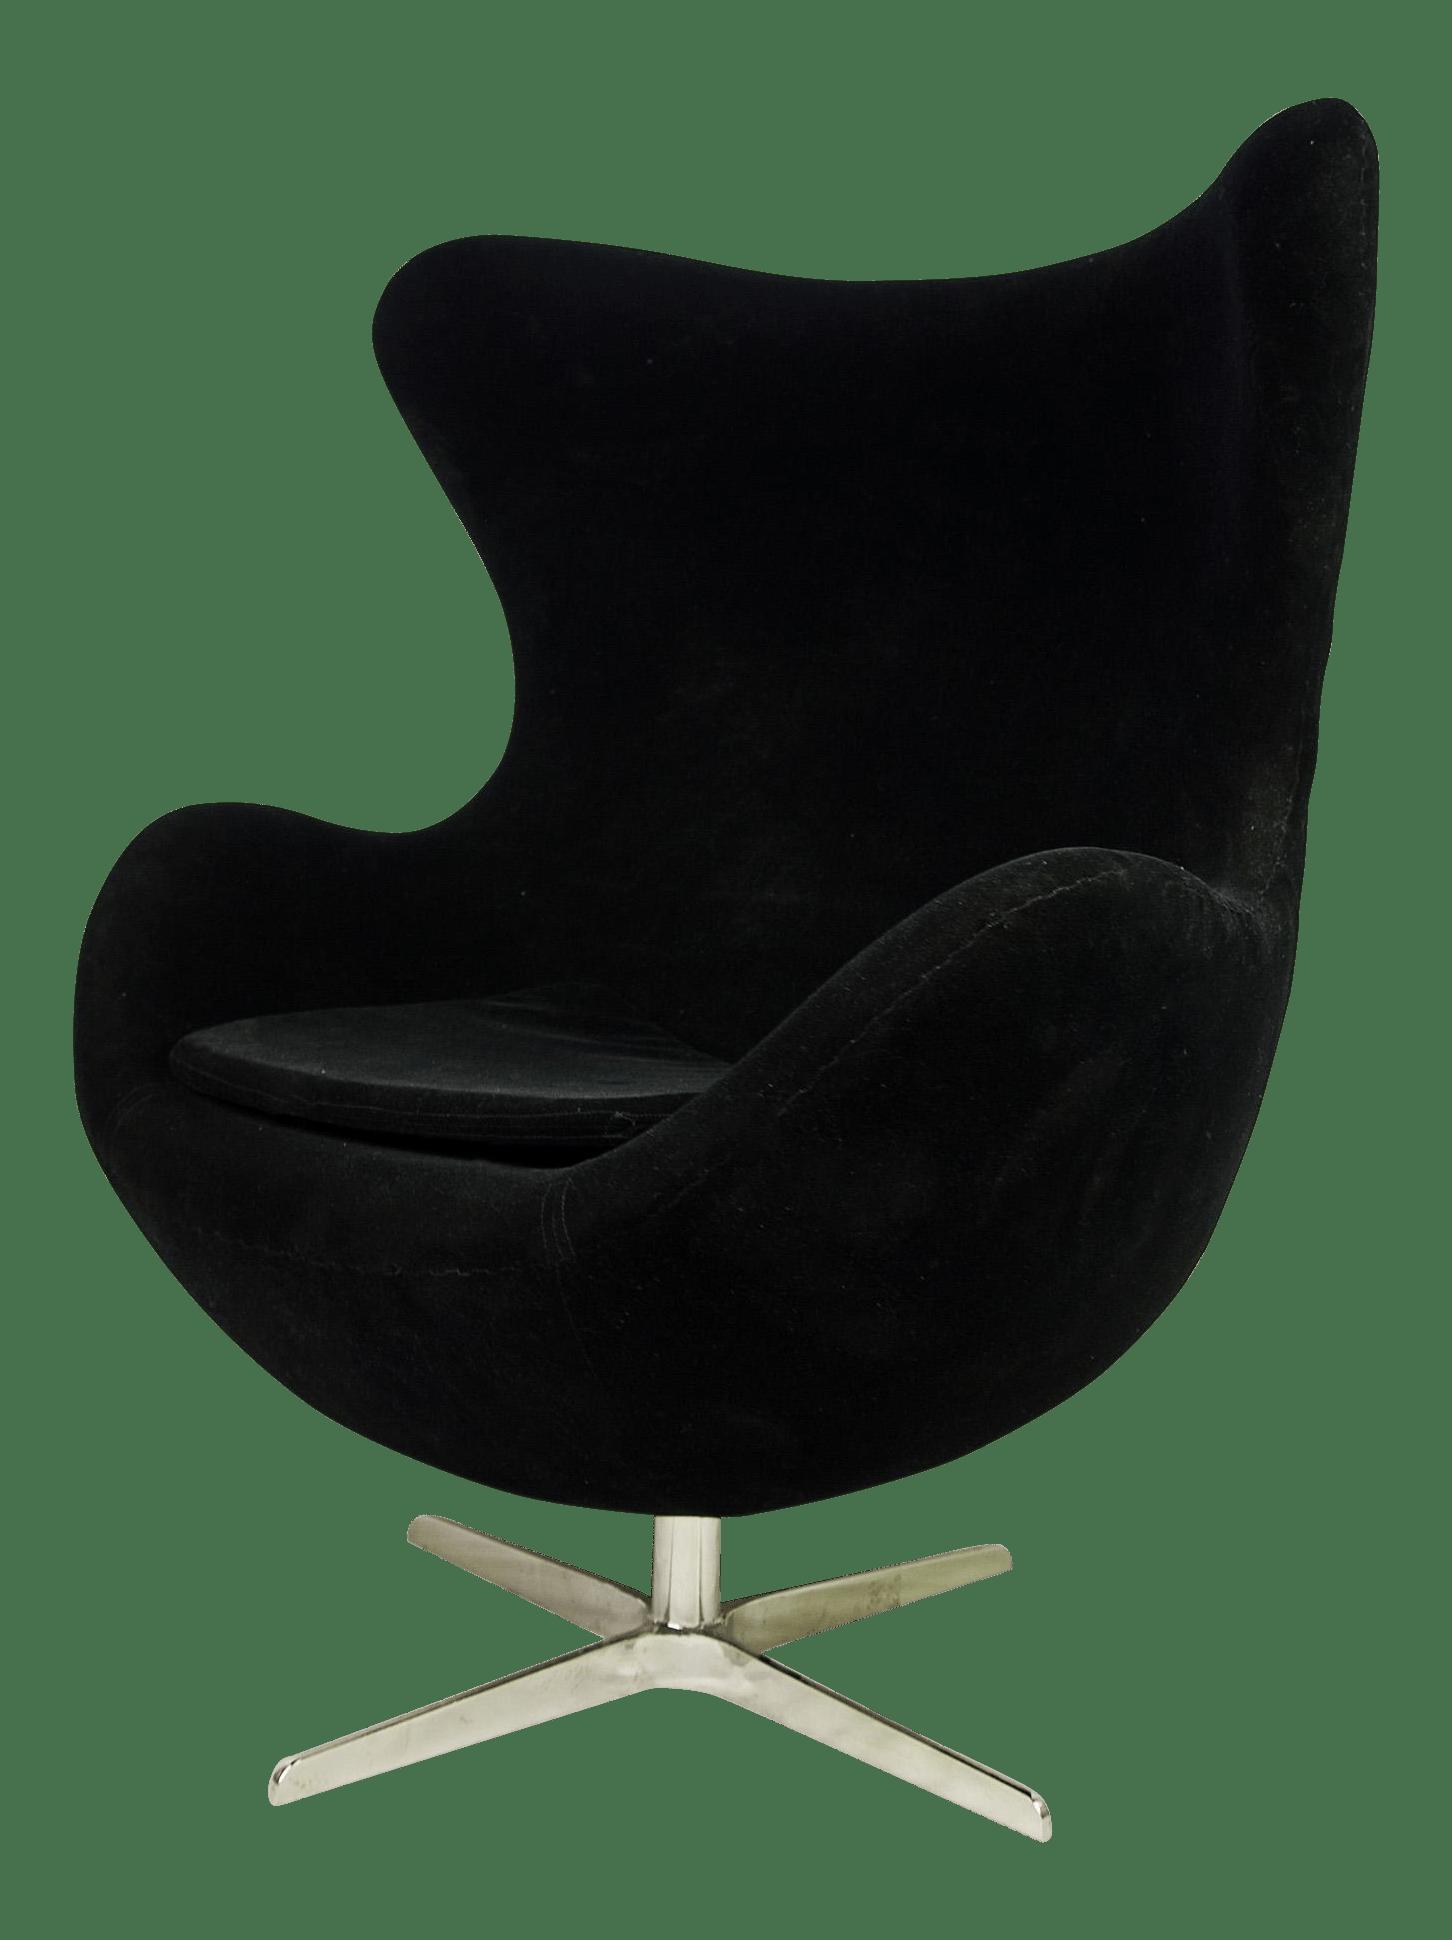 mid century egg chair lace sashes modern black velvet by arne jacobsen